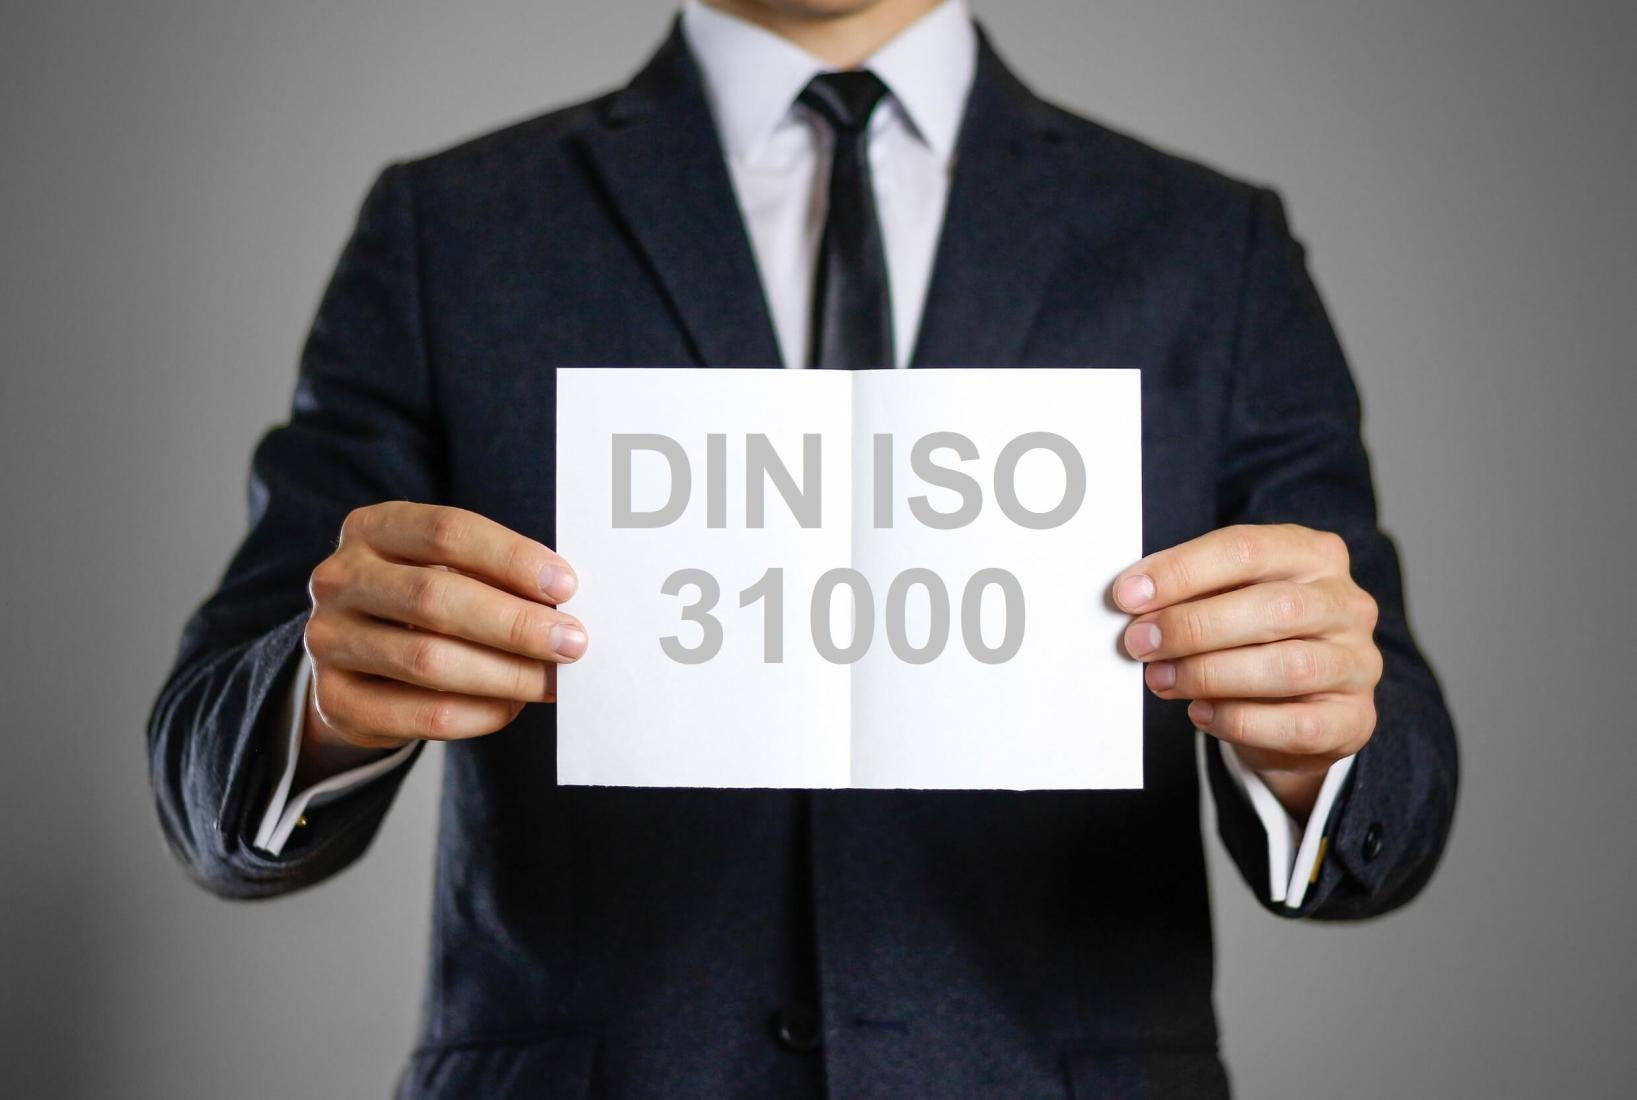 Foto Schild mit DIN ISO 31000